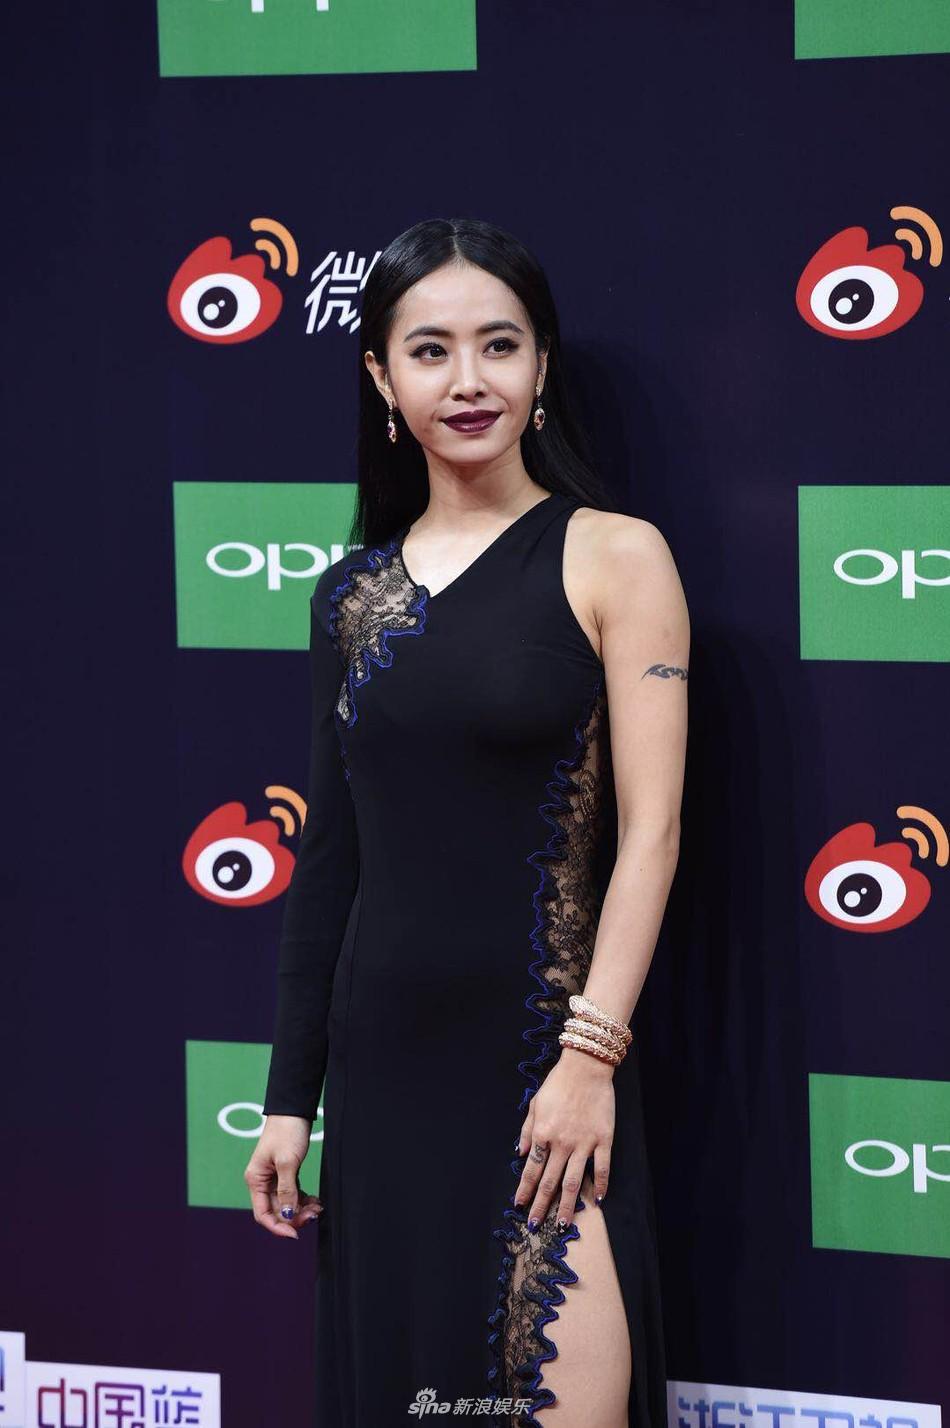 Thảm đỏ Weibo: Angela Baby xuống sắc không phanh, Dương Mịch - Na Trát cùng dàn mỹ nhân cạnh tranh nhan sắc khốc liệt - Ảnh 23.